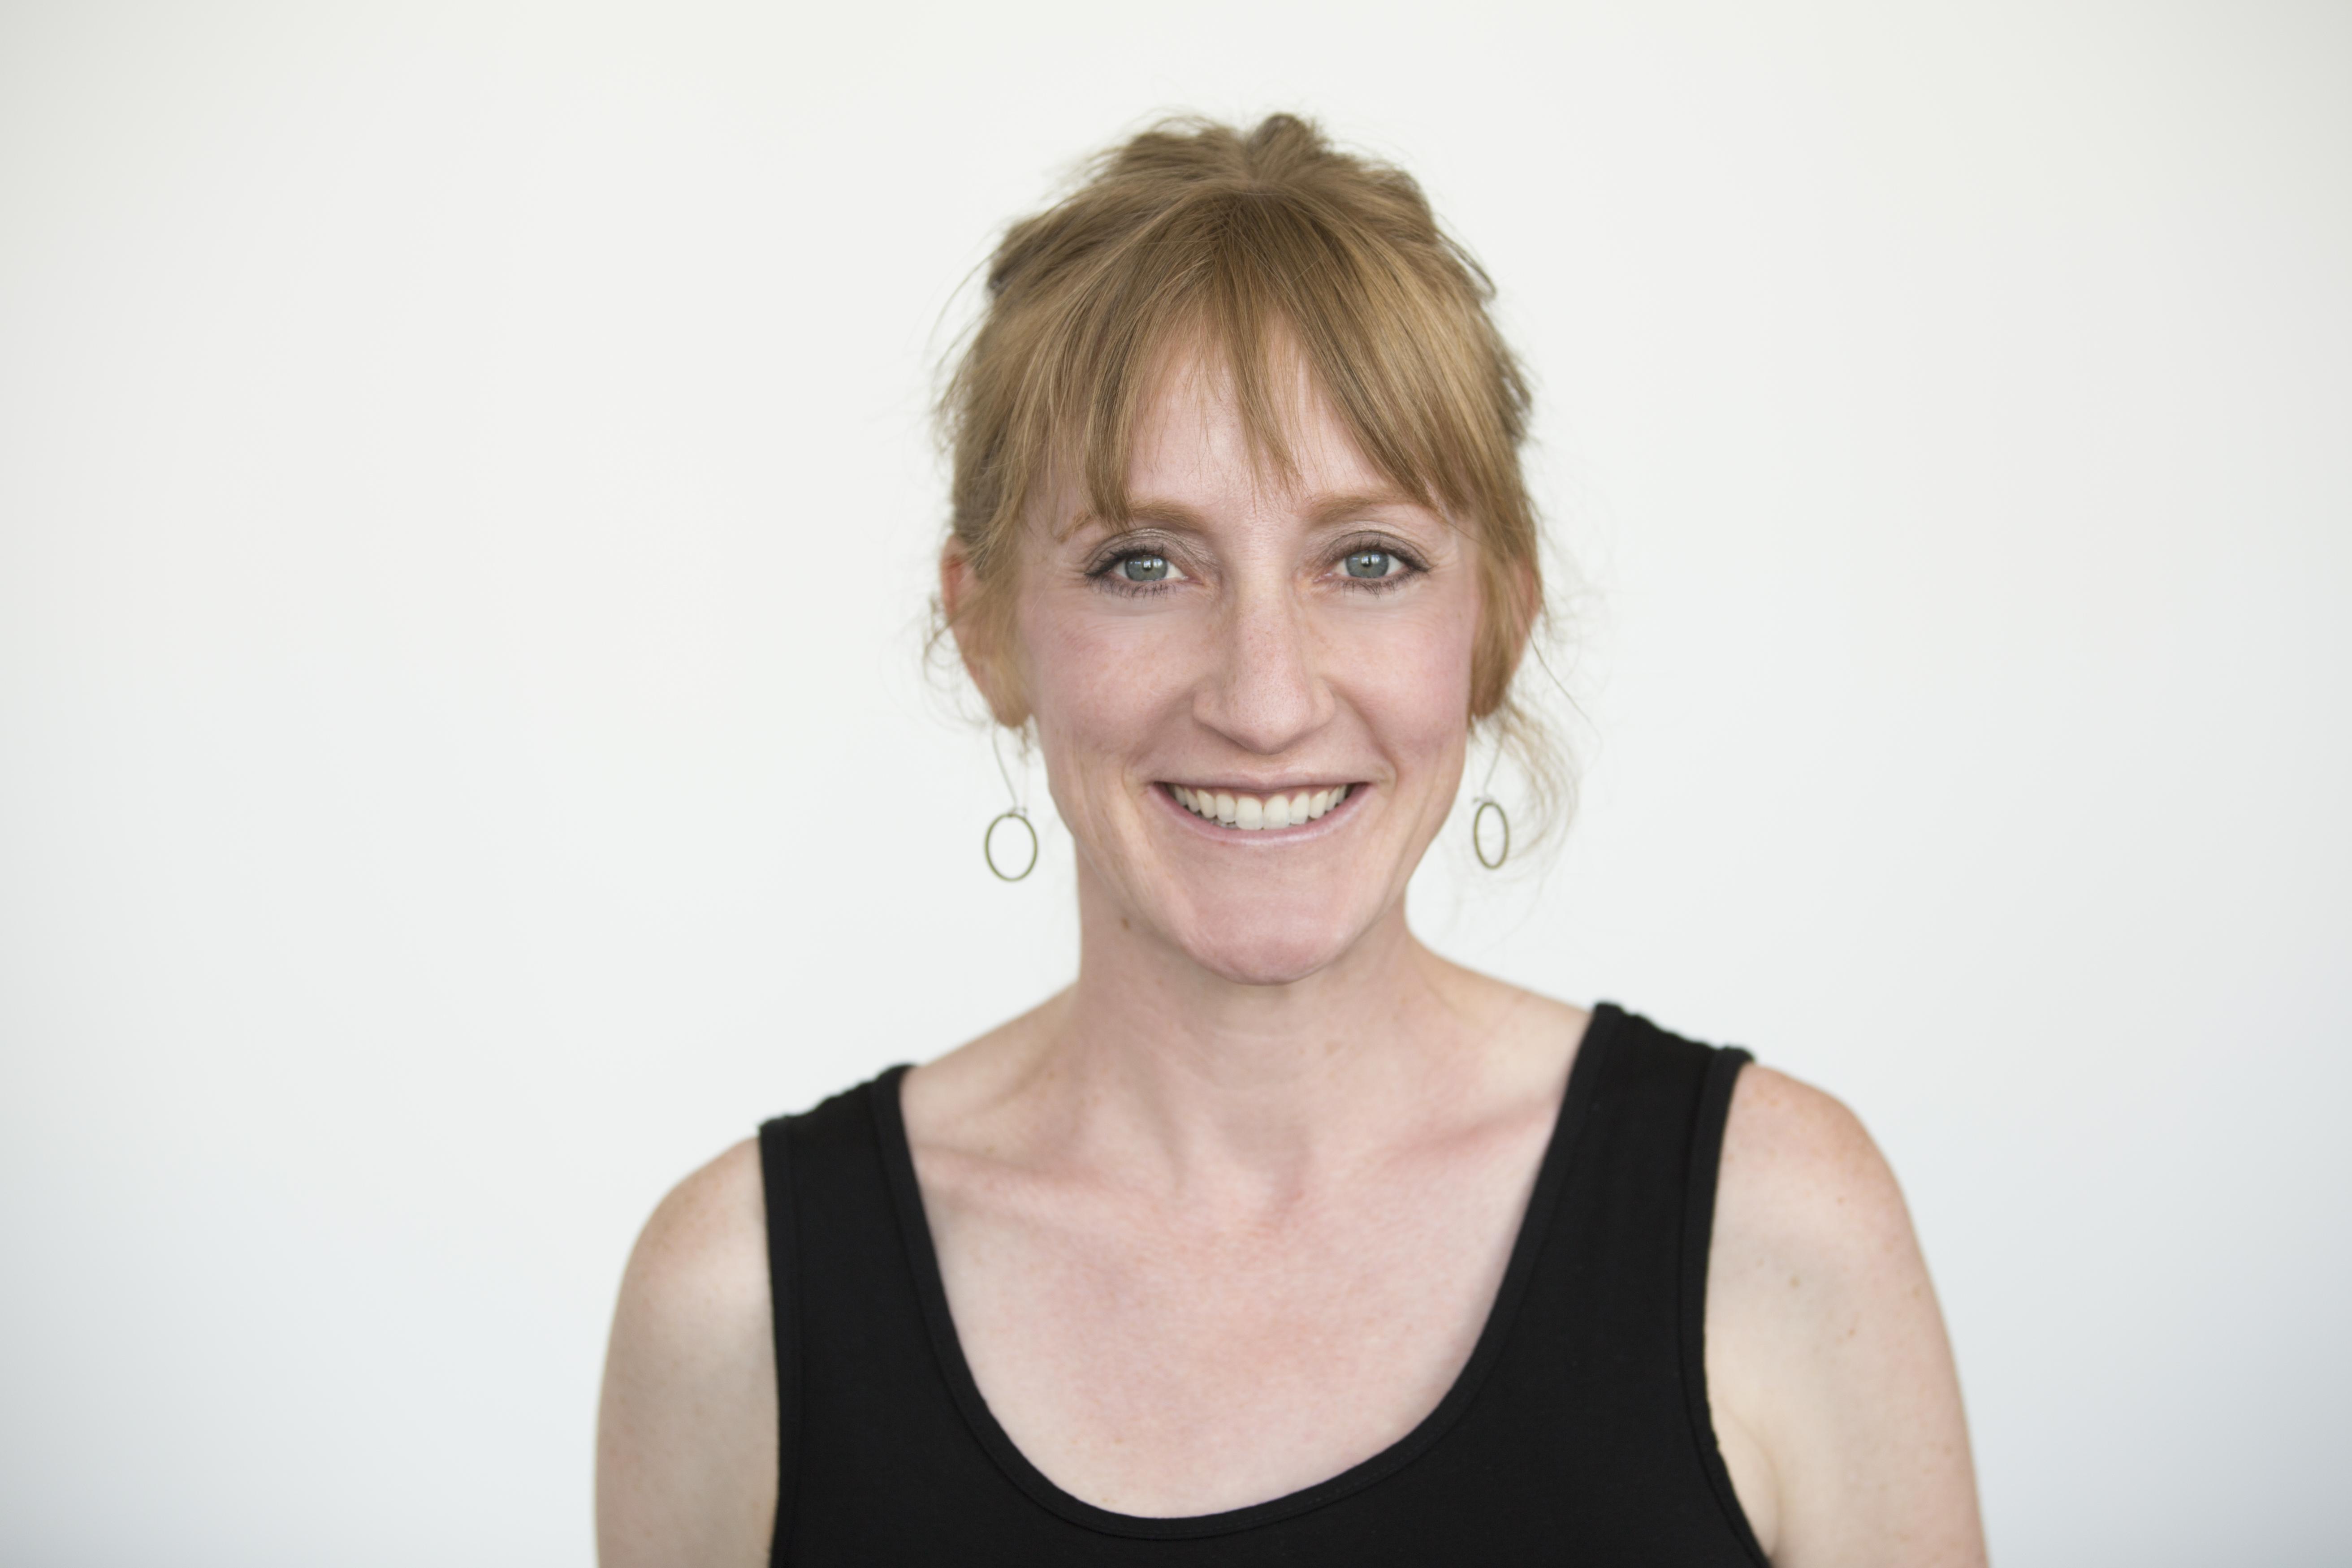 Cate Schneider